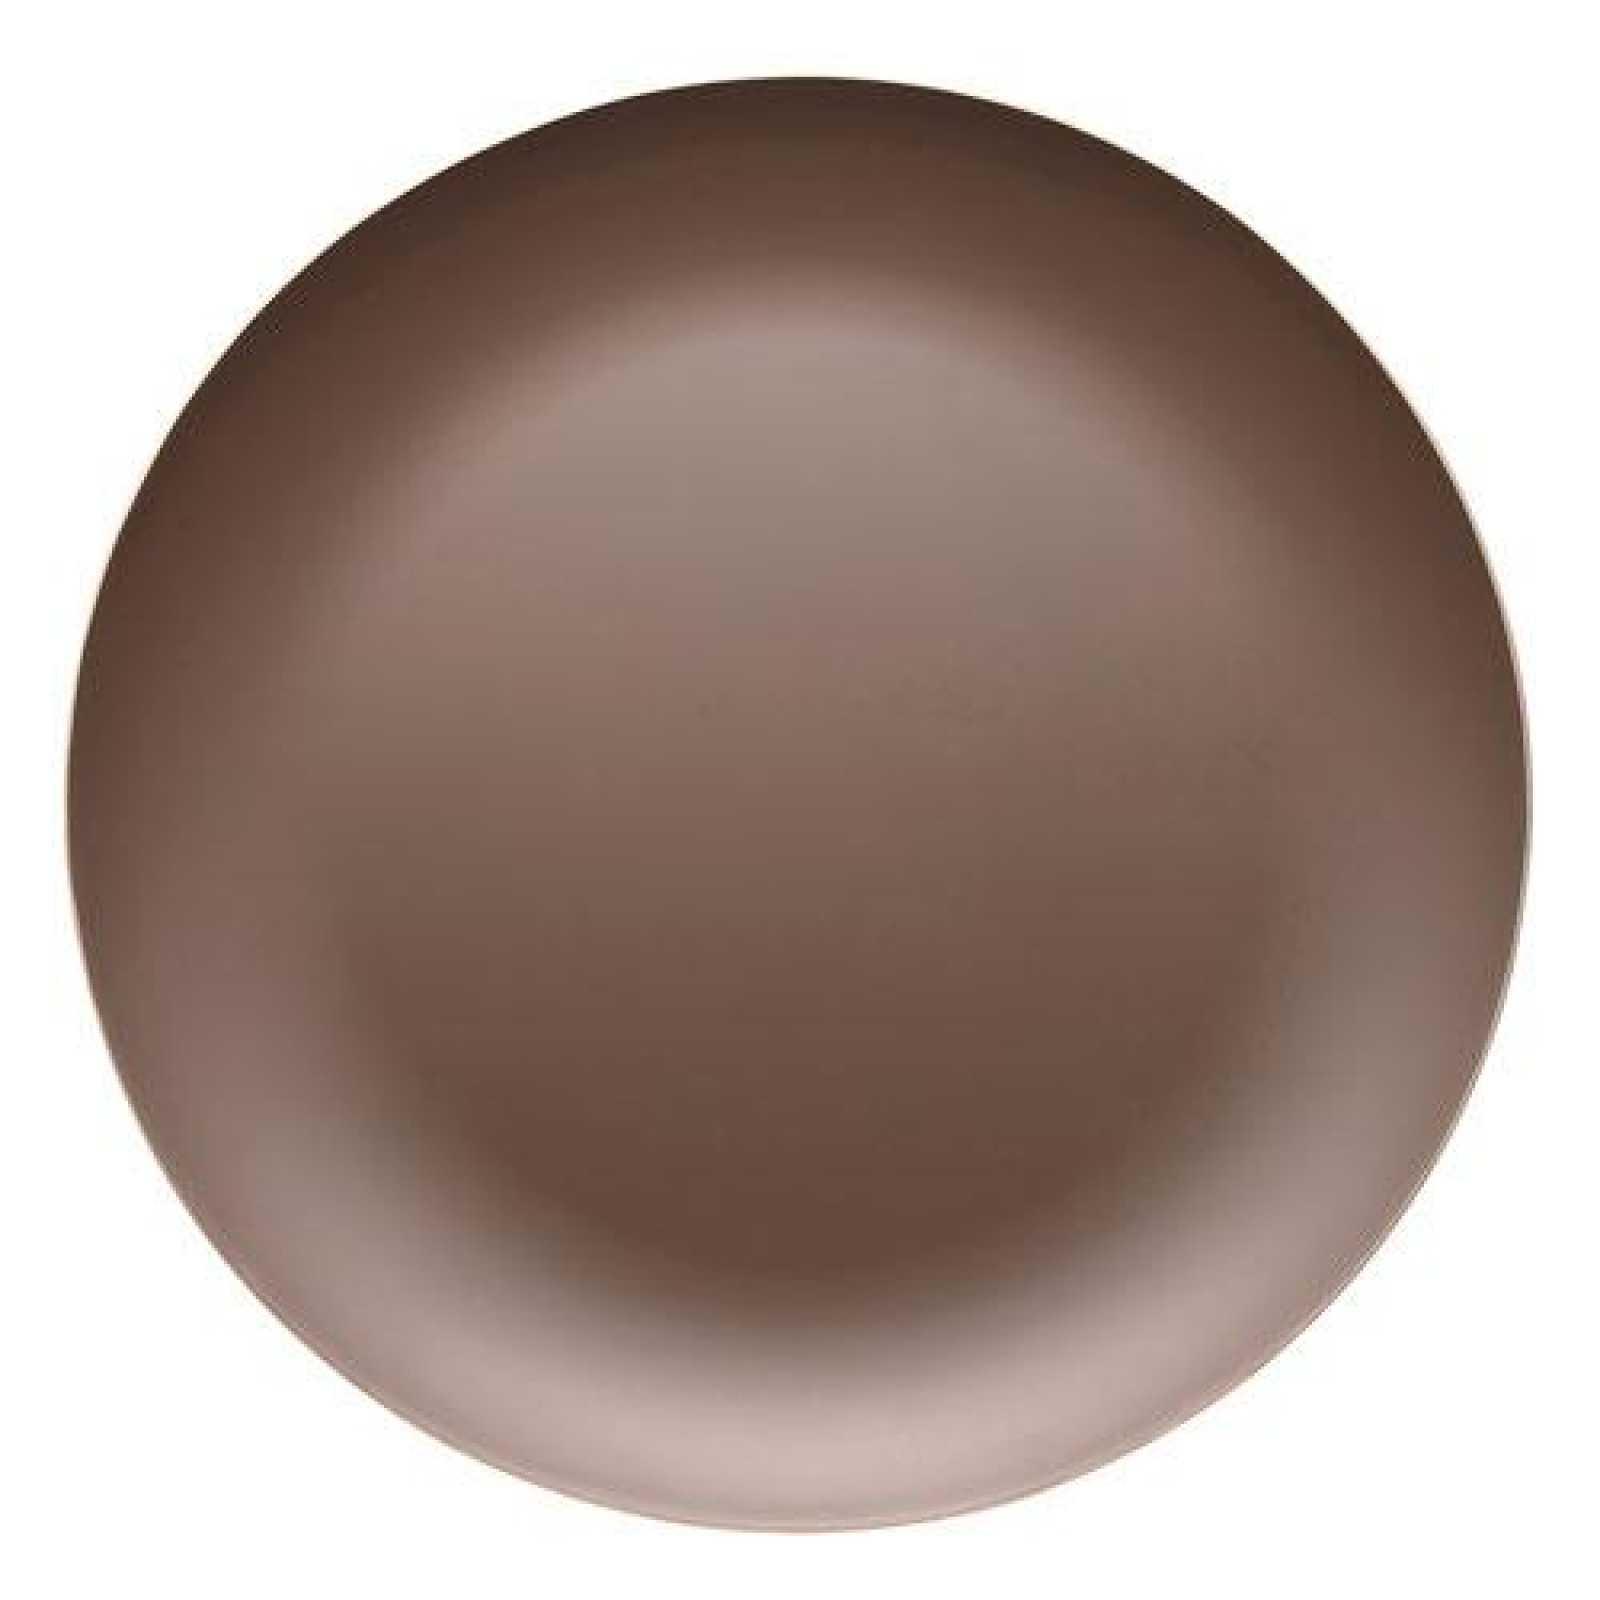 Онлайн каталог PROMENU: Поднос сервировочный деревянный Rosenthal SUNNY DAY, диаметр 41 см, коричневый Rosenthal 69763-408526-05642